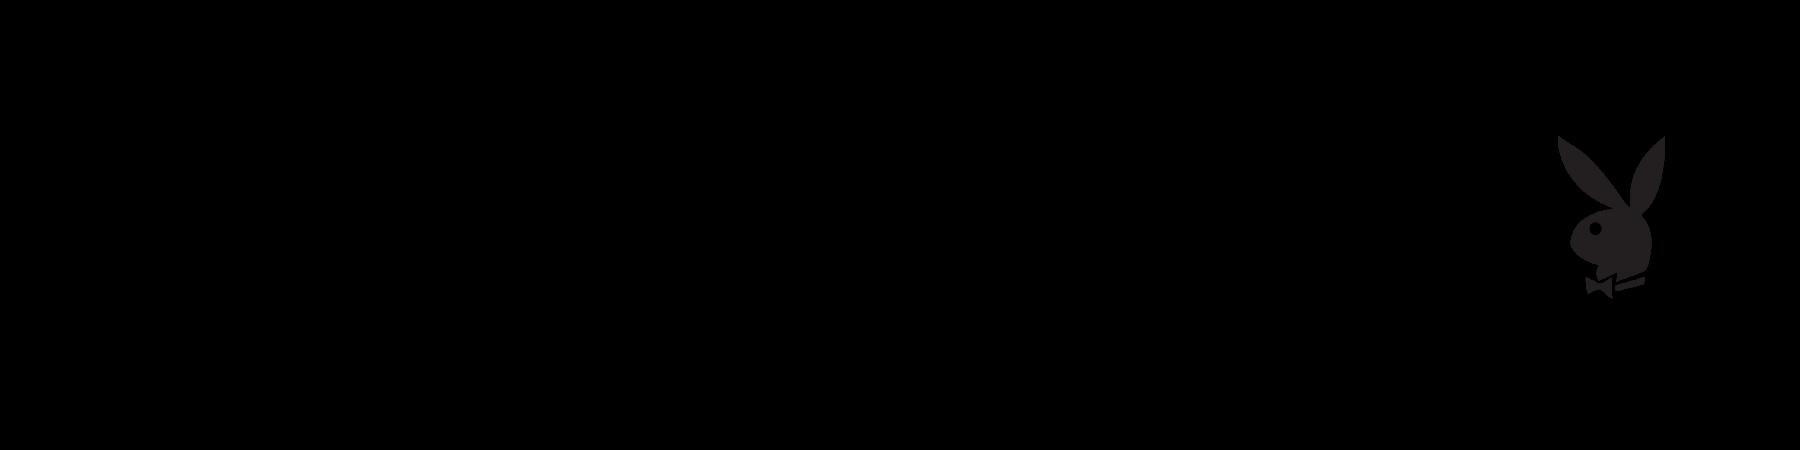 известные логотипы